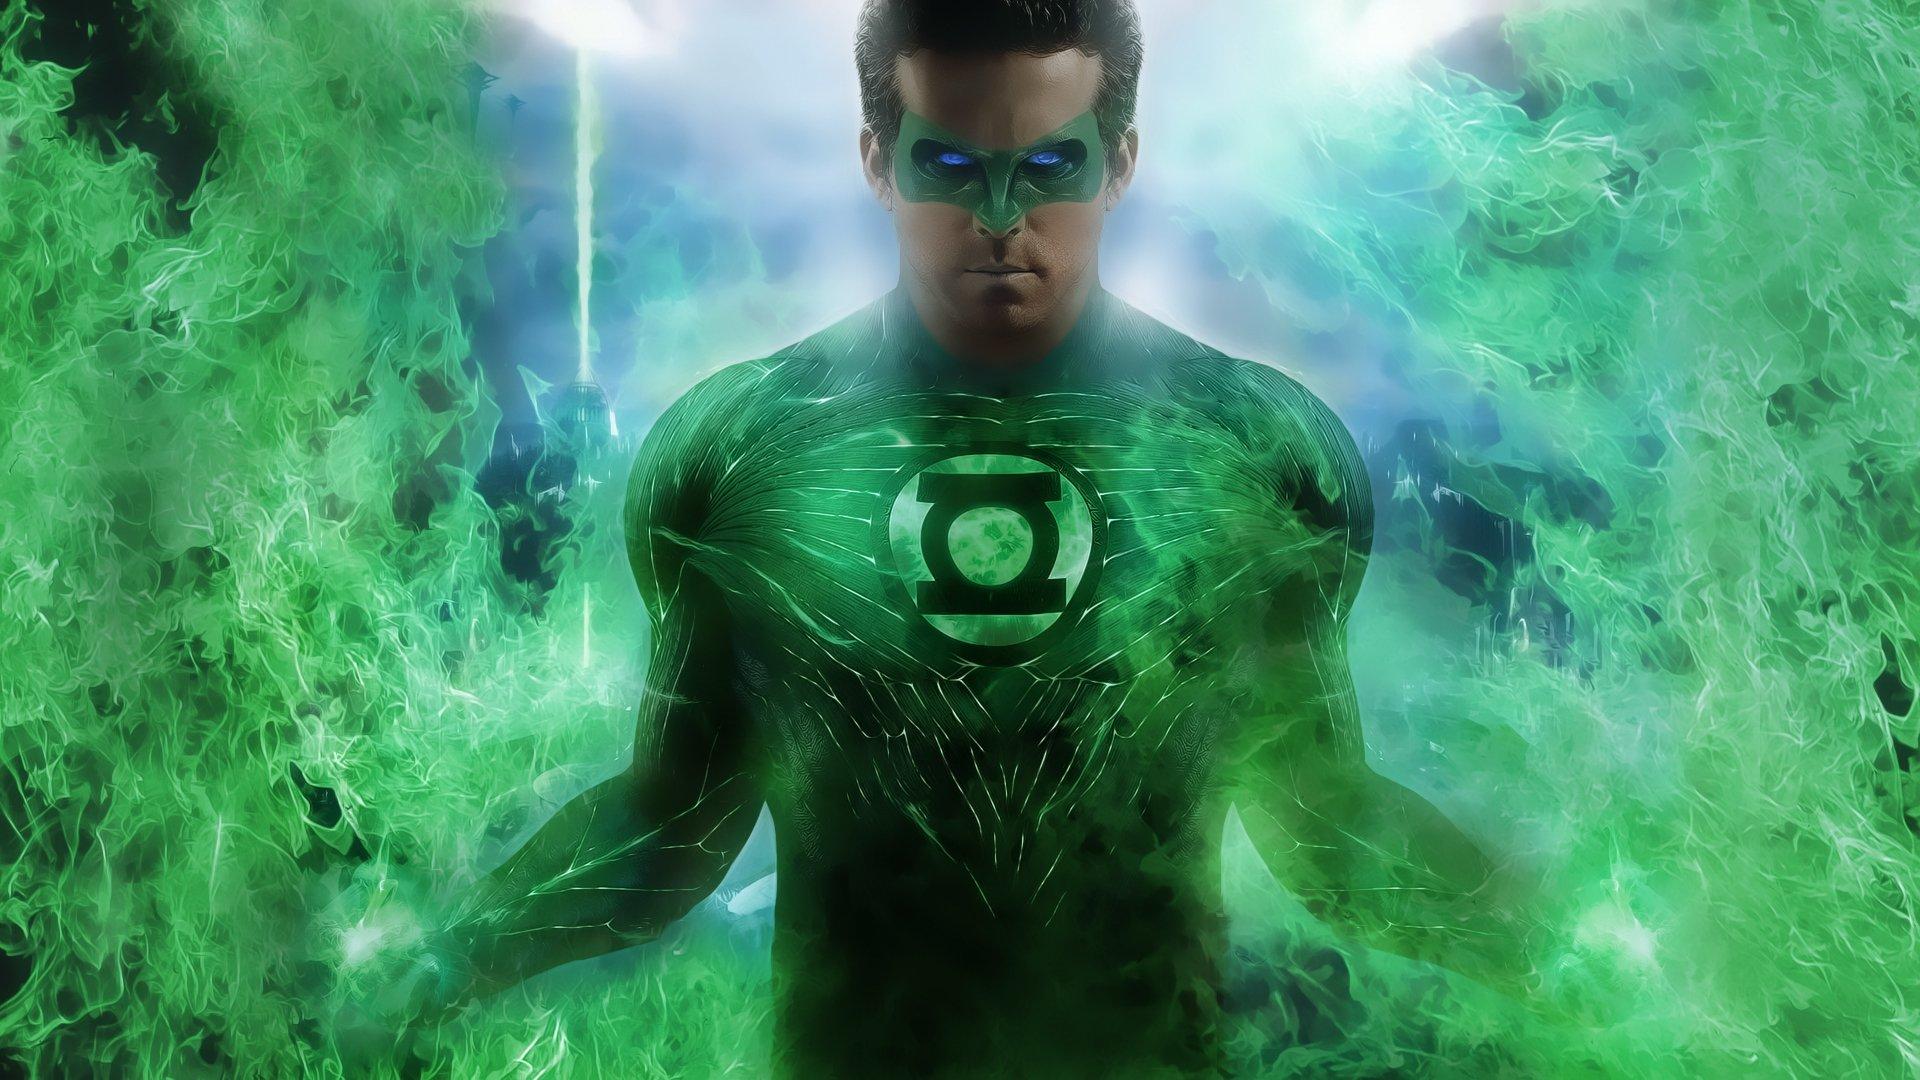 души вас зеленый человек в героях марвел фото моя жена любит